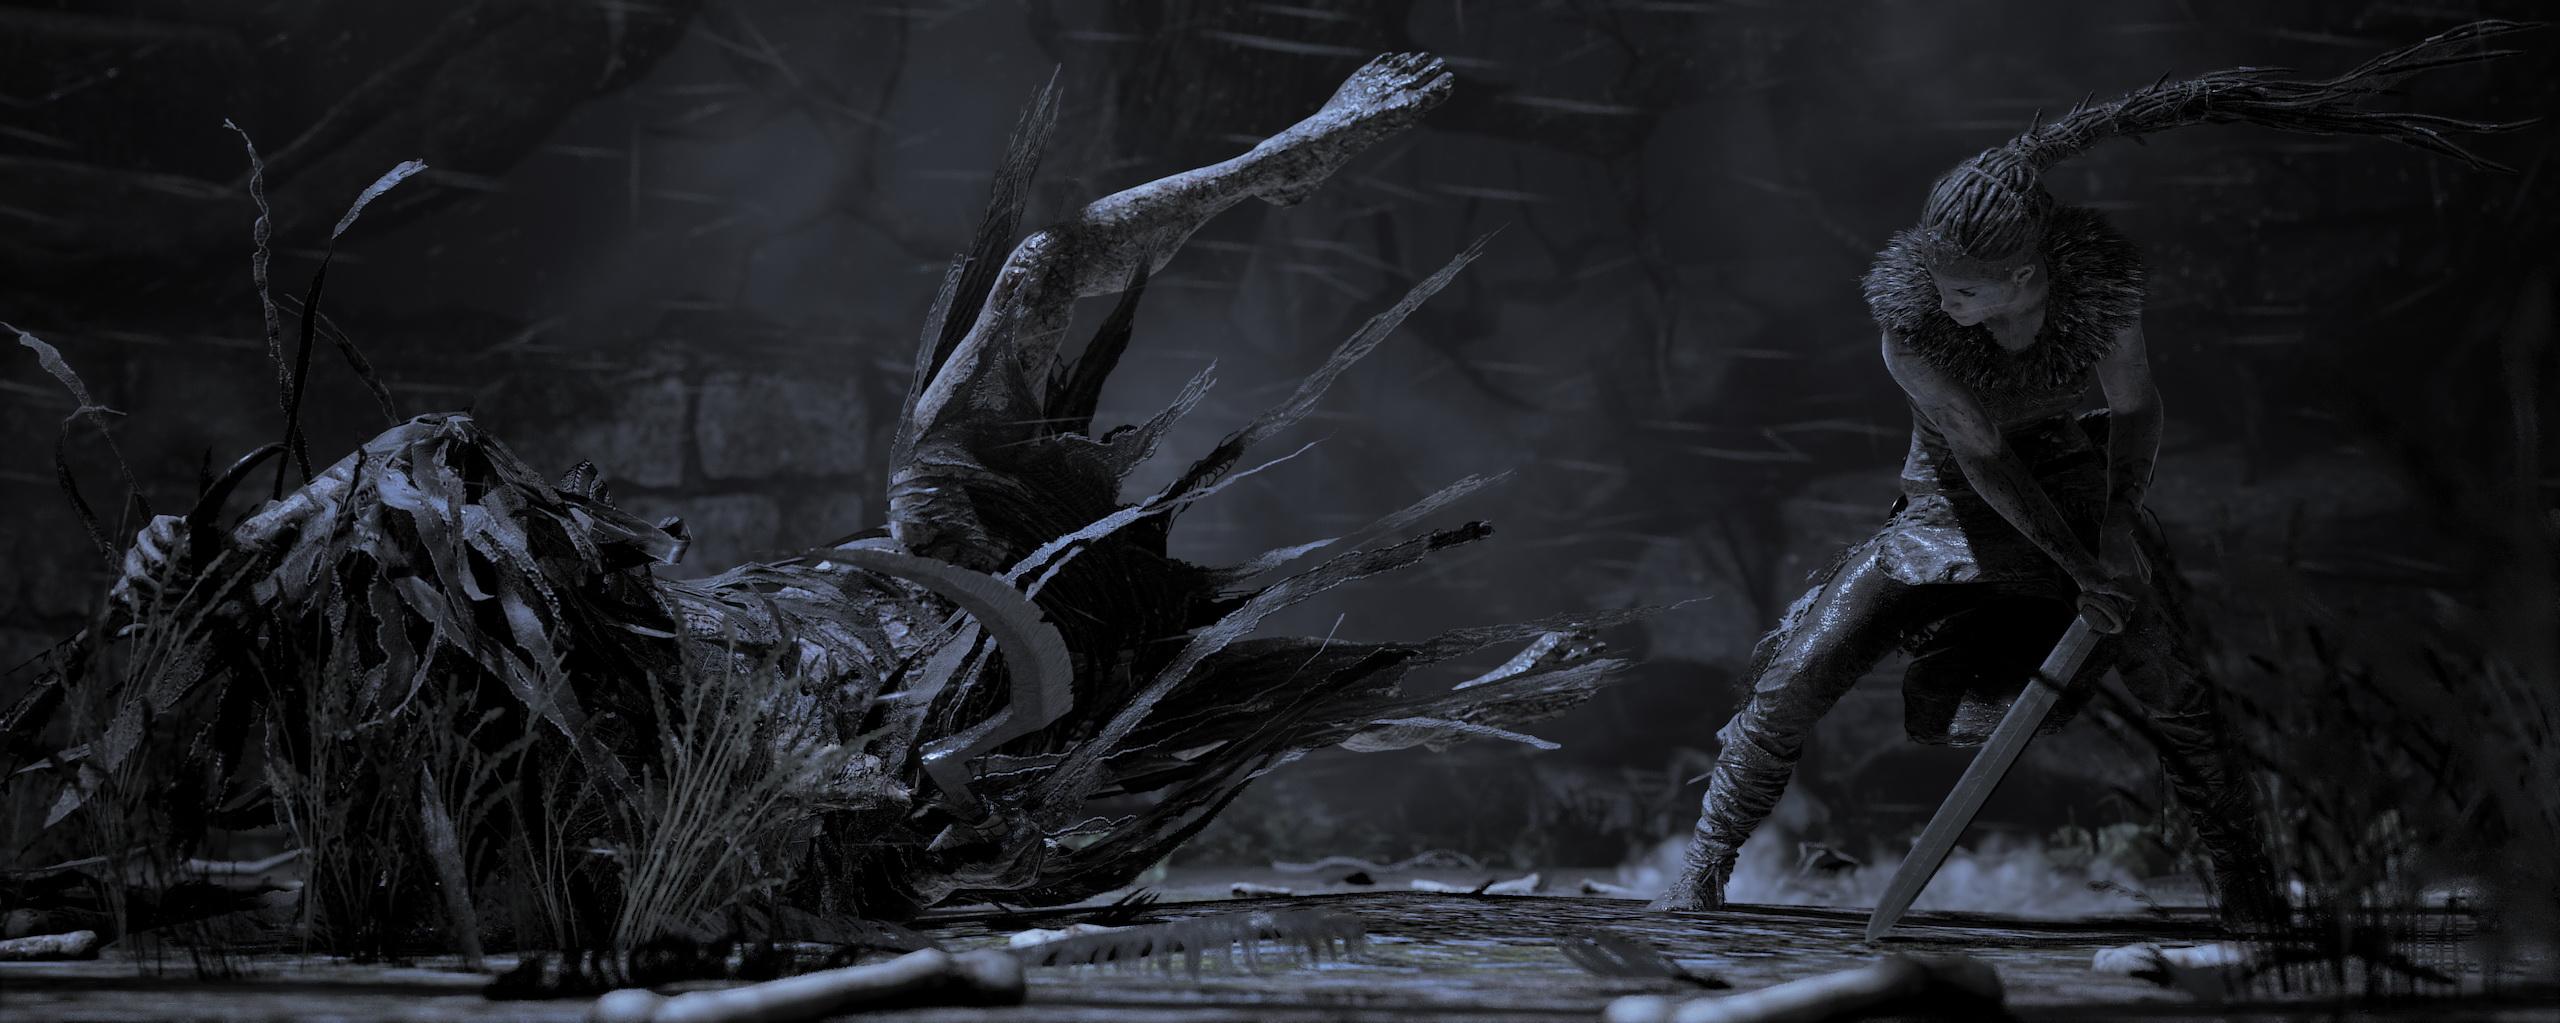 Hellblade: Senua's Sacrifice, кадр № 30